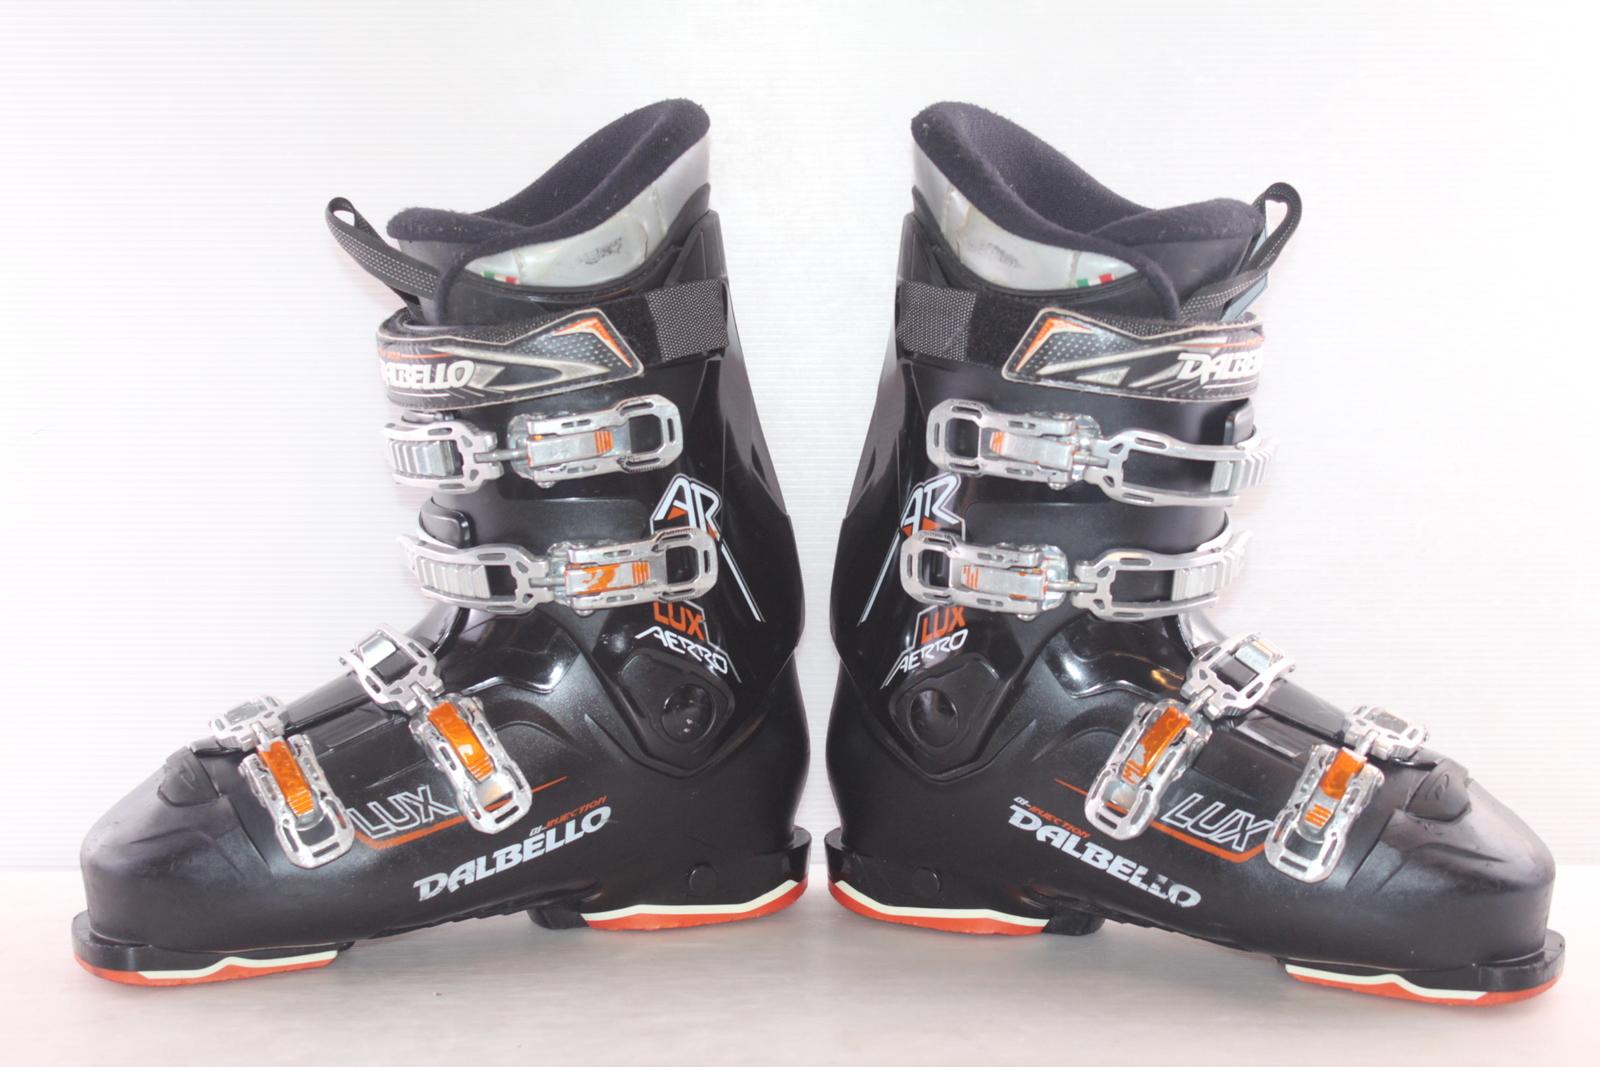 Lyžařské boty Dalbello Aerro Lux vel. EU42.5 flexe 80